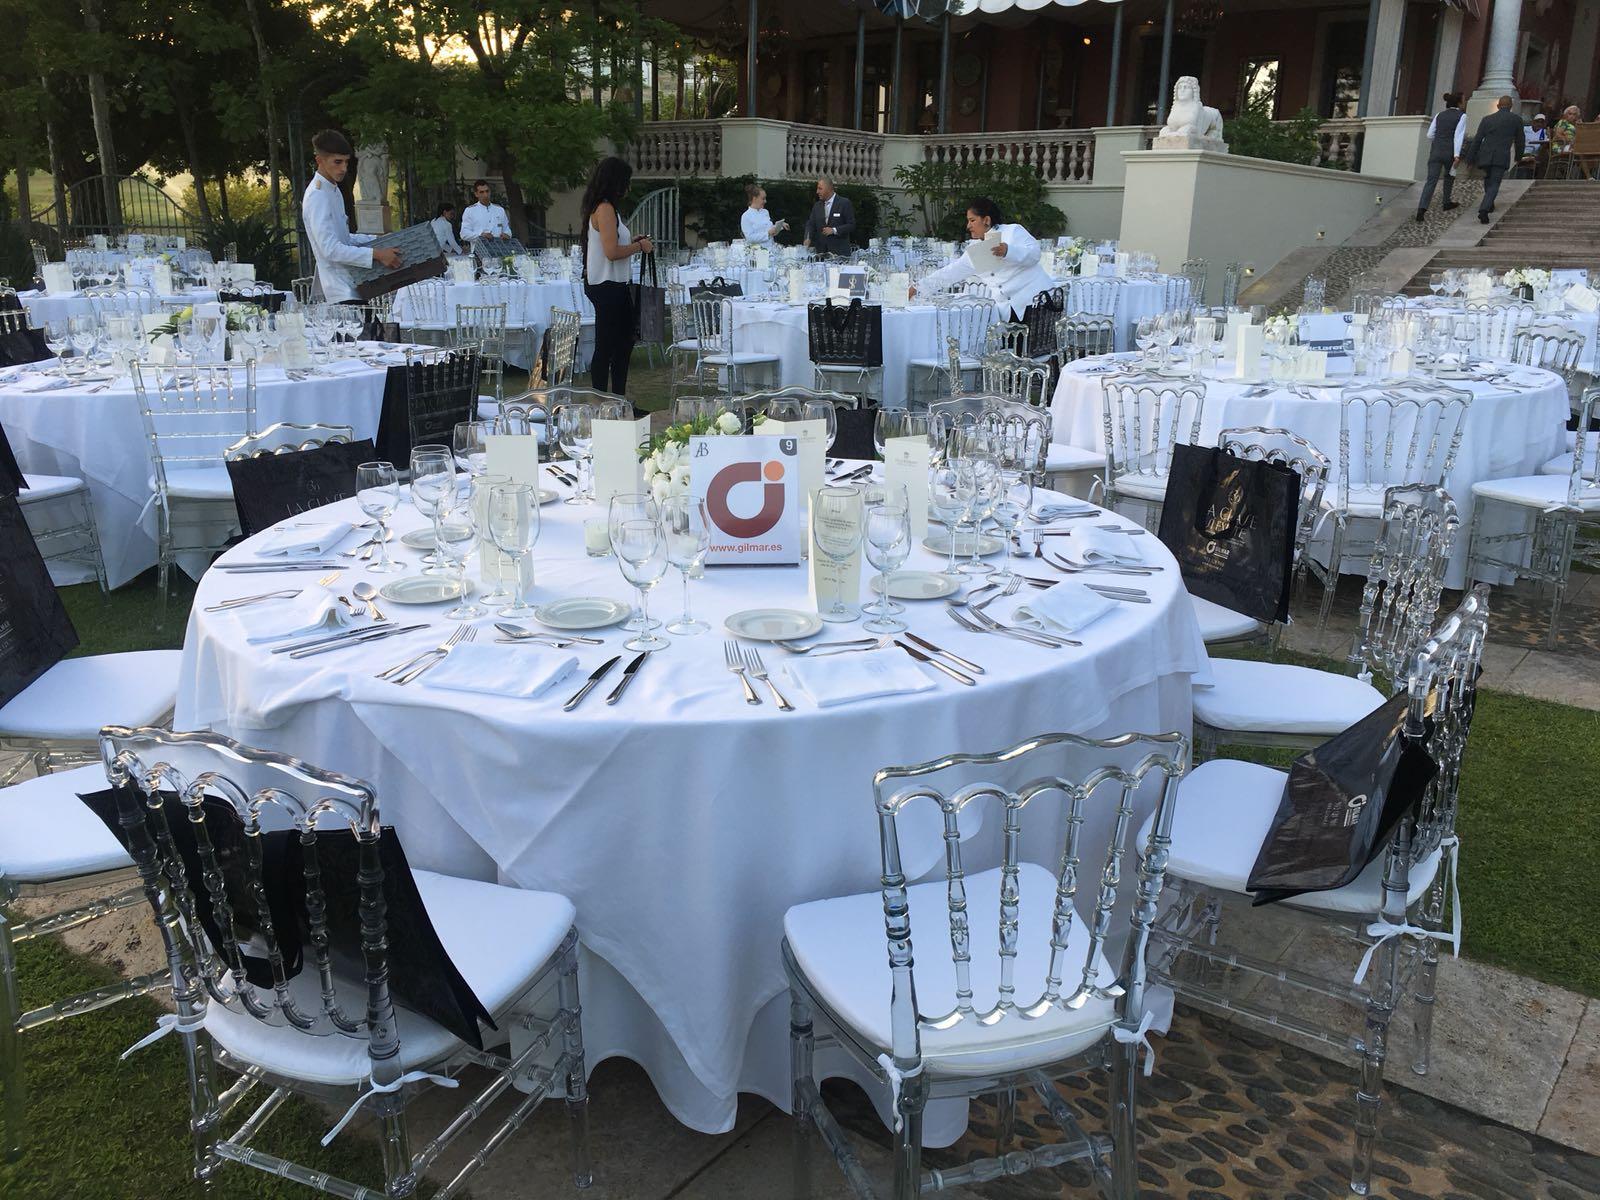 La mesa de Gilmar en Autobello